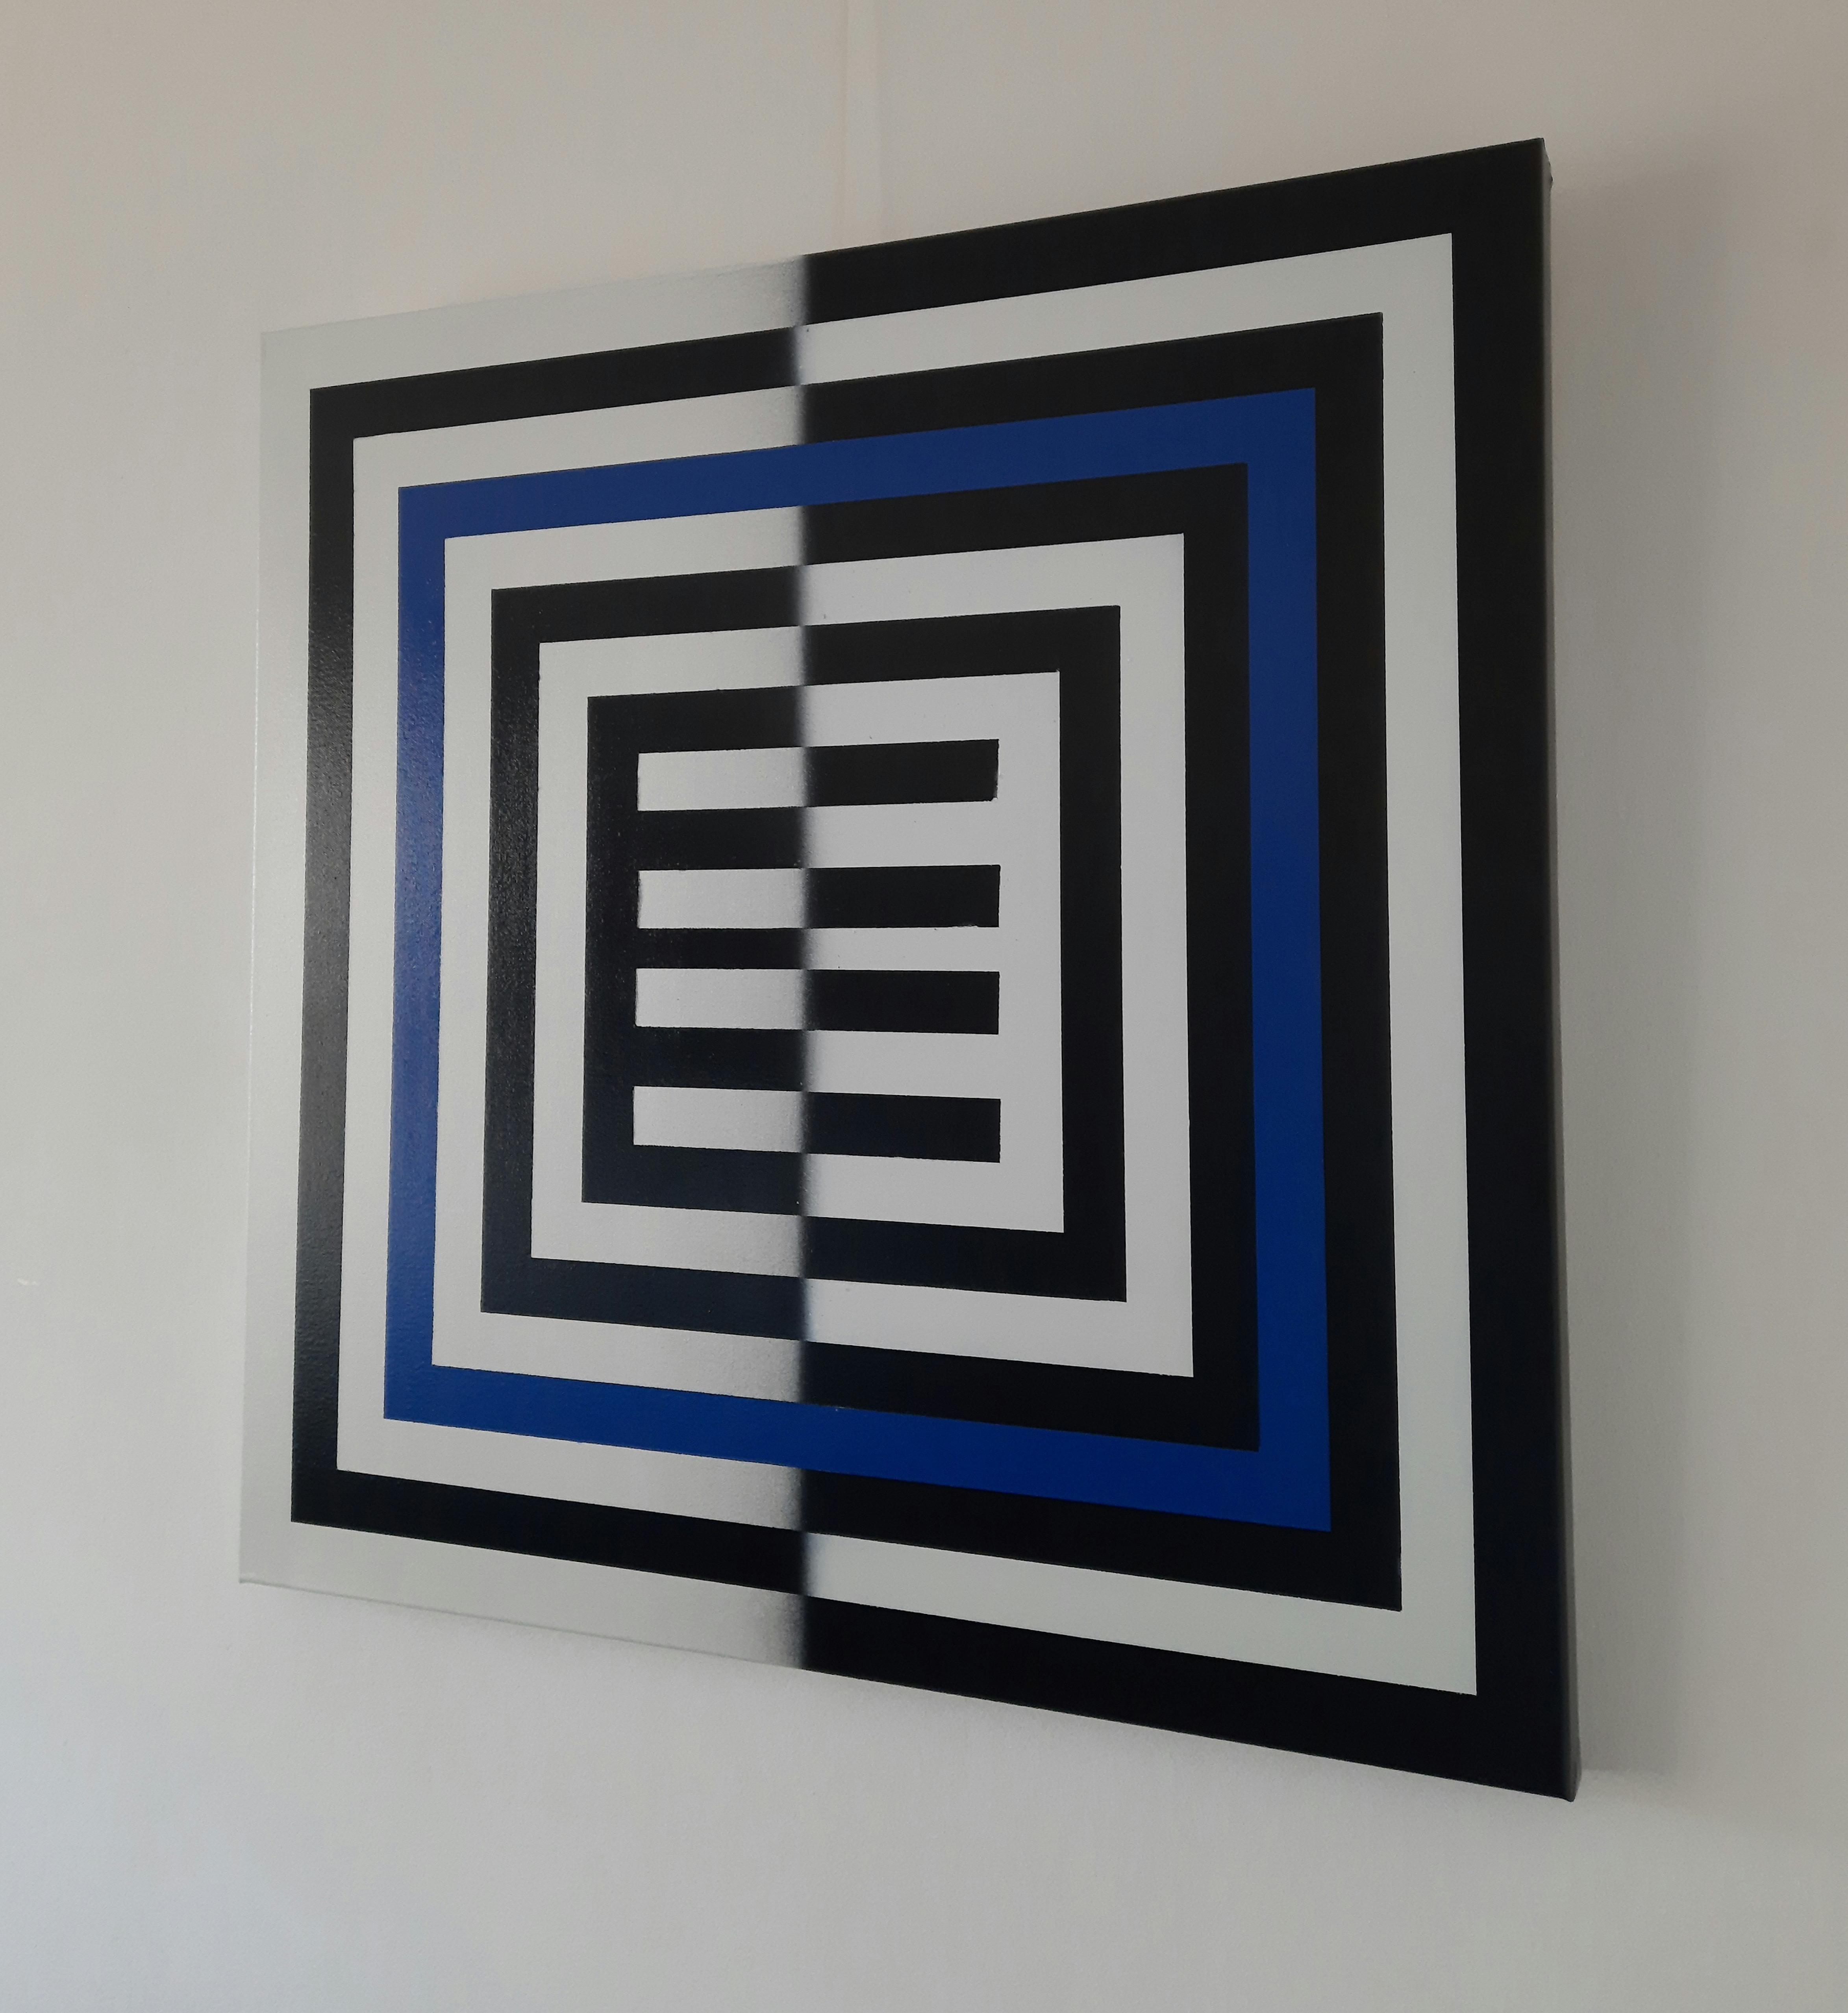 ESONE (PEDRO DENTINHO) 'TAKE THE BLUE PILL' - 2021-ORIGINAL 1/1 - Image 4 of 5